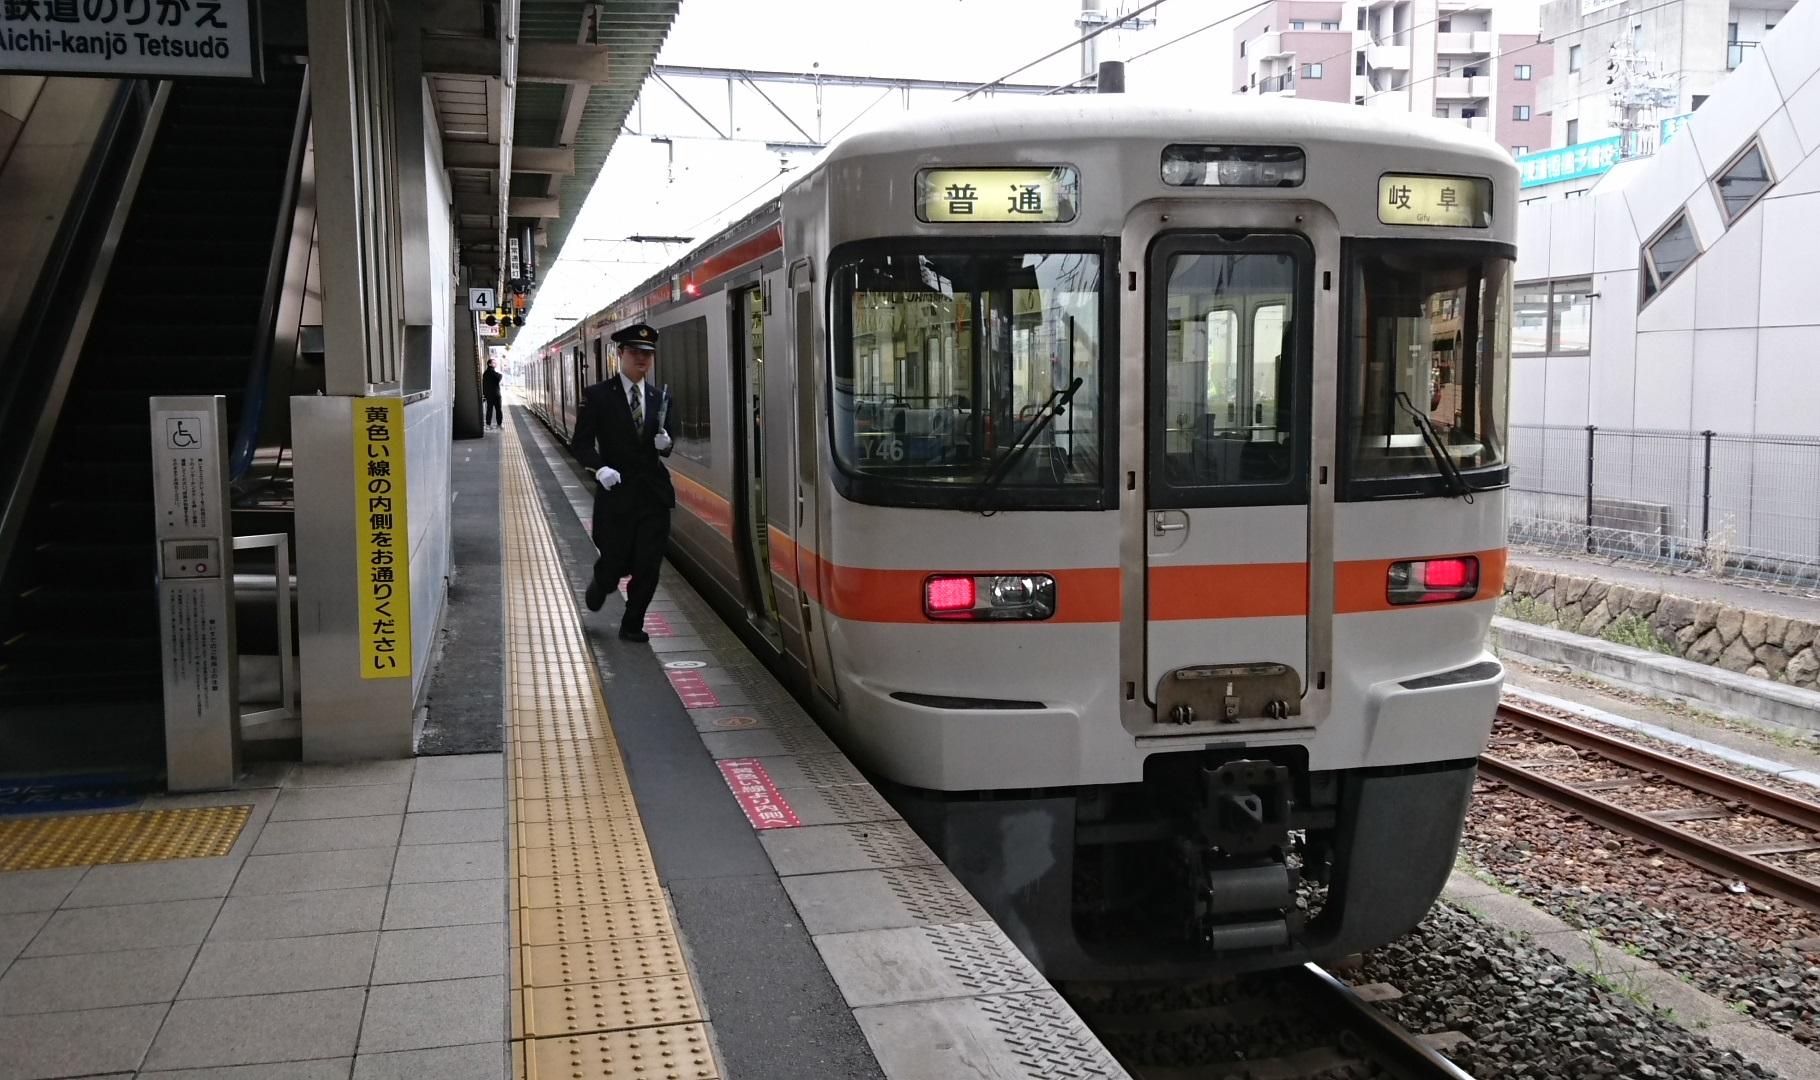 2017.3.25 東海道線 (4) 岡崎 - 岐阜いきふつう 1920-1080